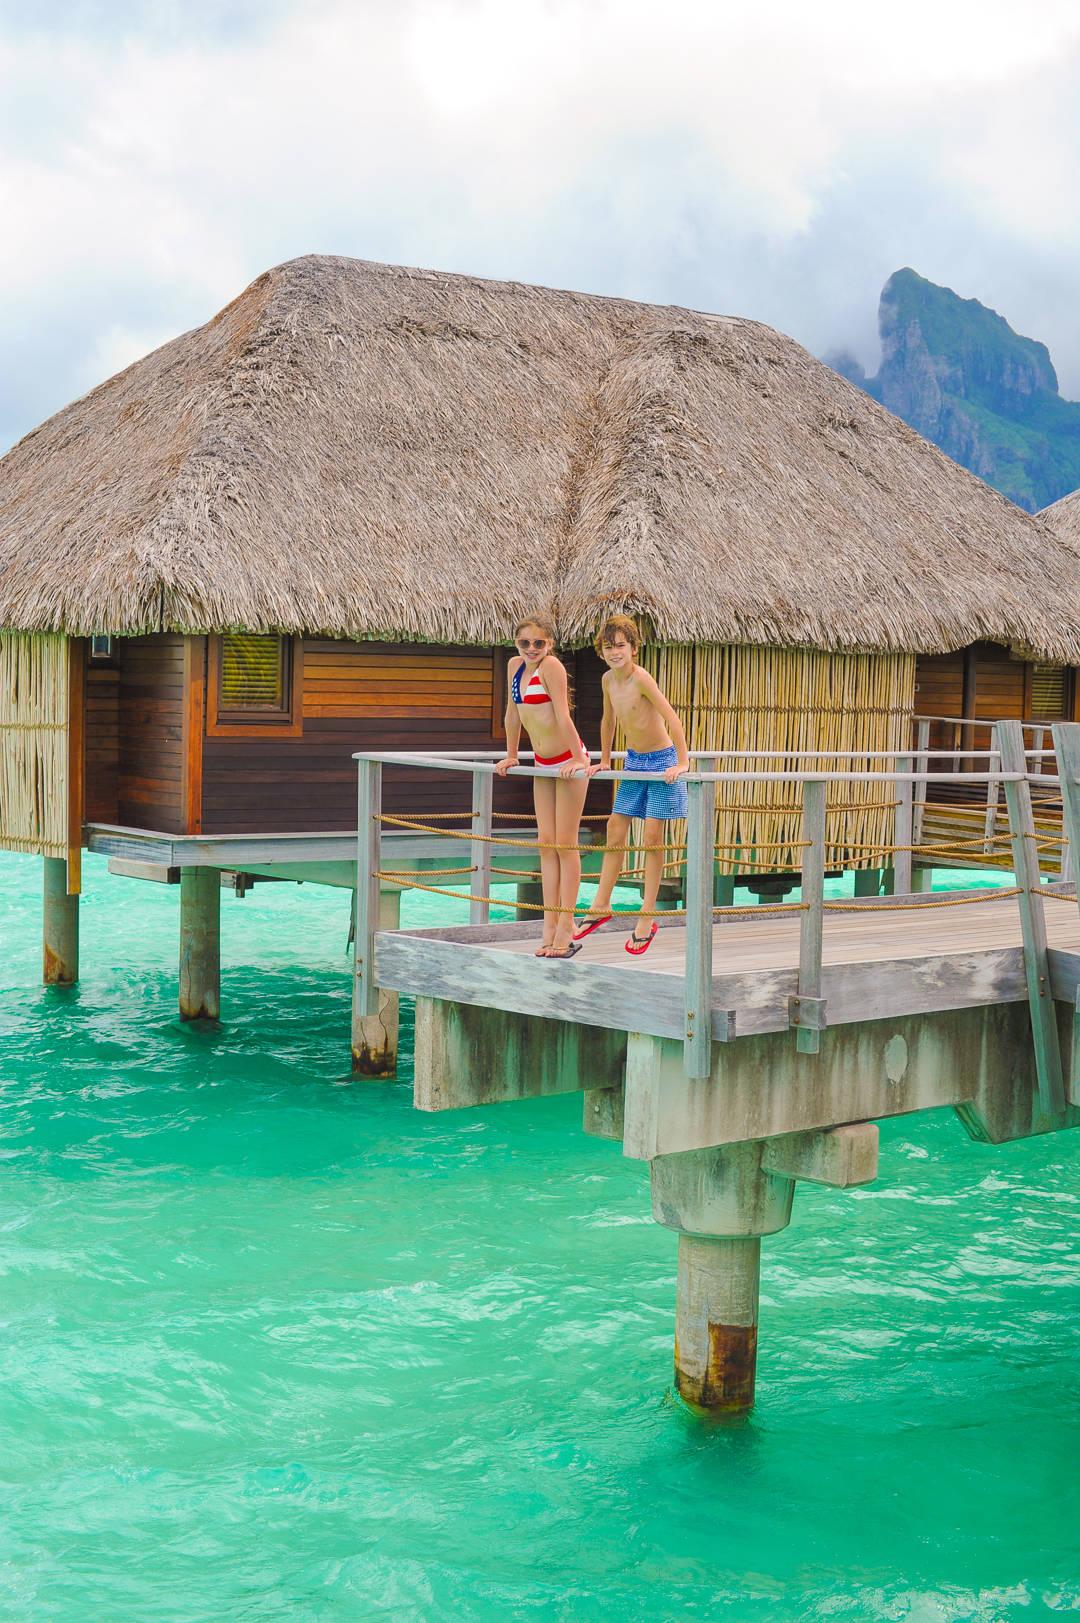 Four Seasons Bora Bora: 7 Key Tips To Make Paradise Even Better